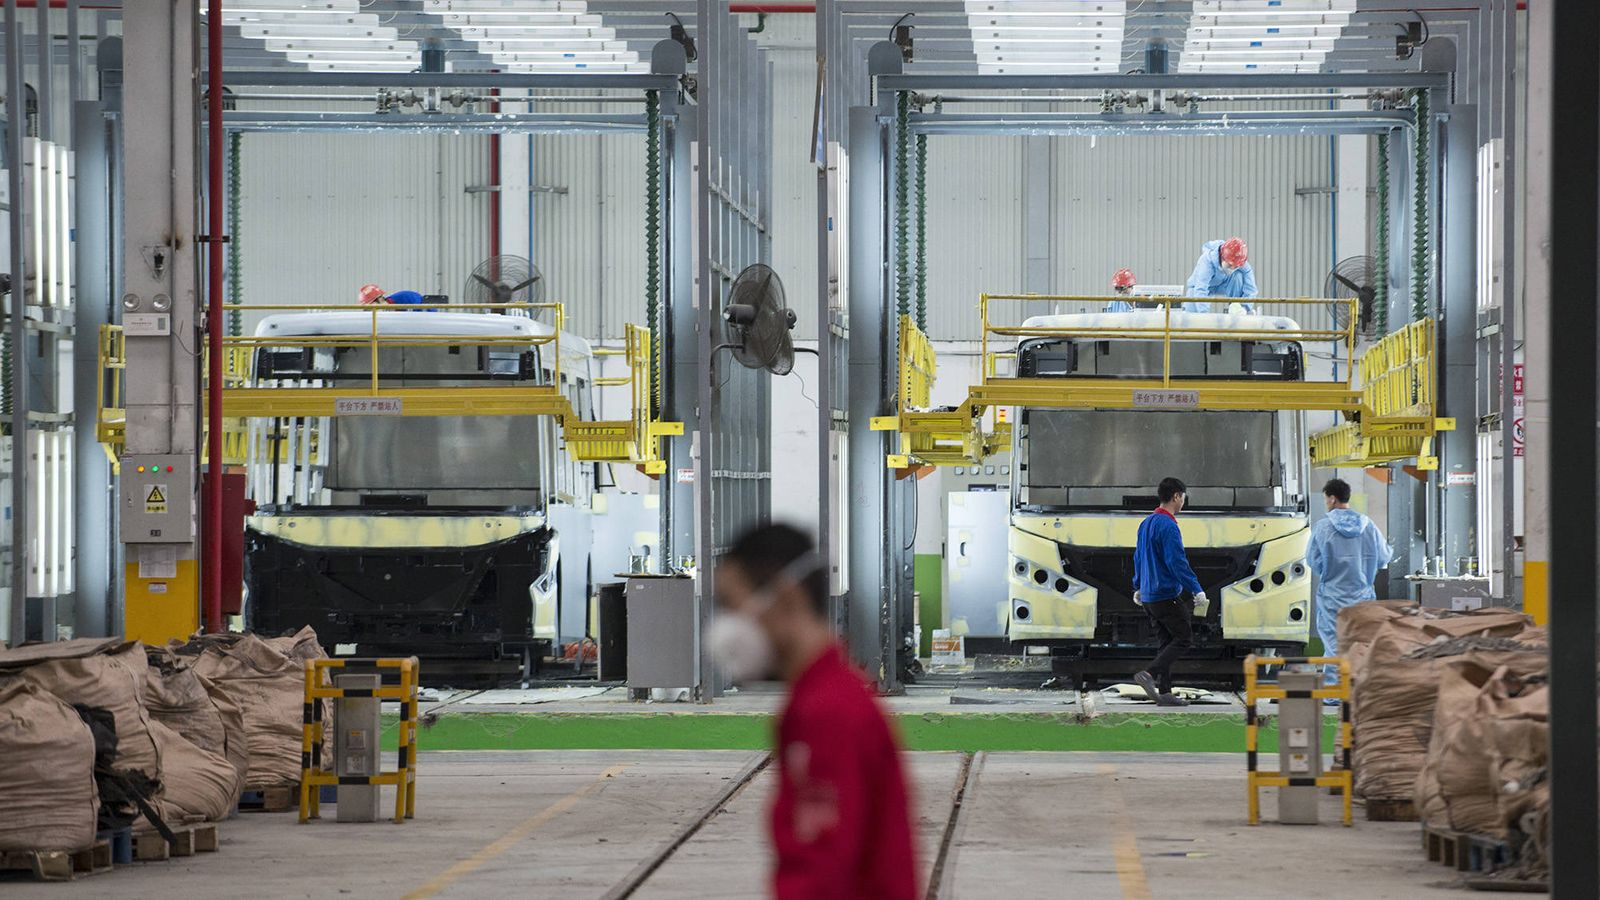 Foto: La principal fábrica de autobuses eléctricos de BYD, la empresa que más produce en todo el mundo. (Z. Aldama)